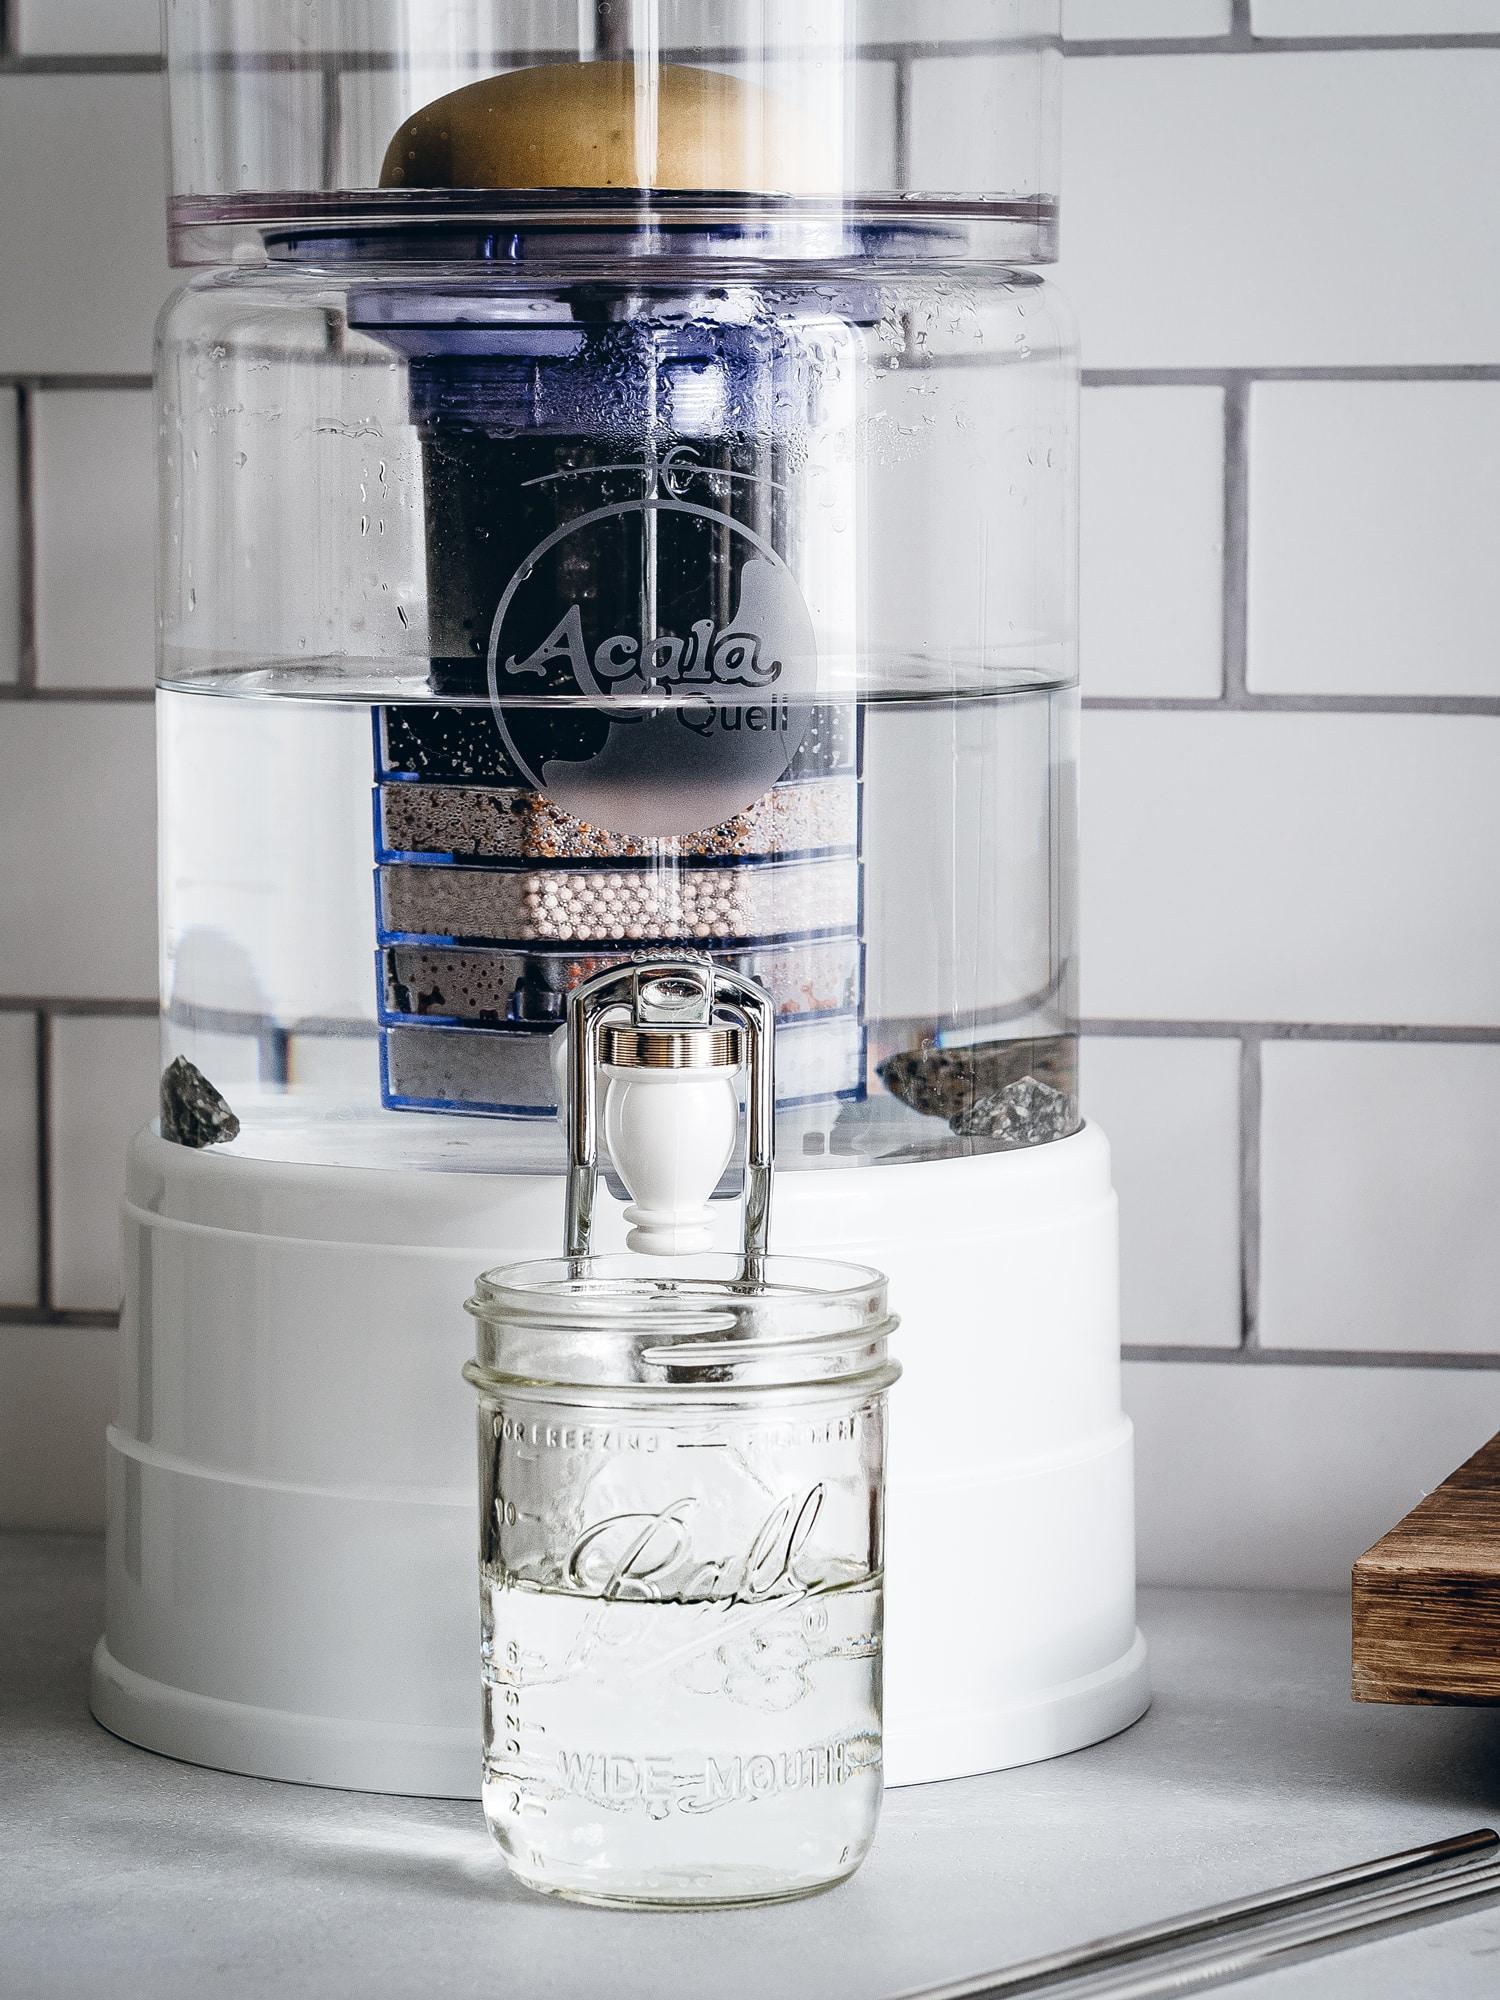 Die Filter des Acala Wasserfilters